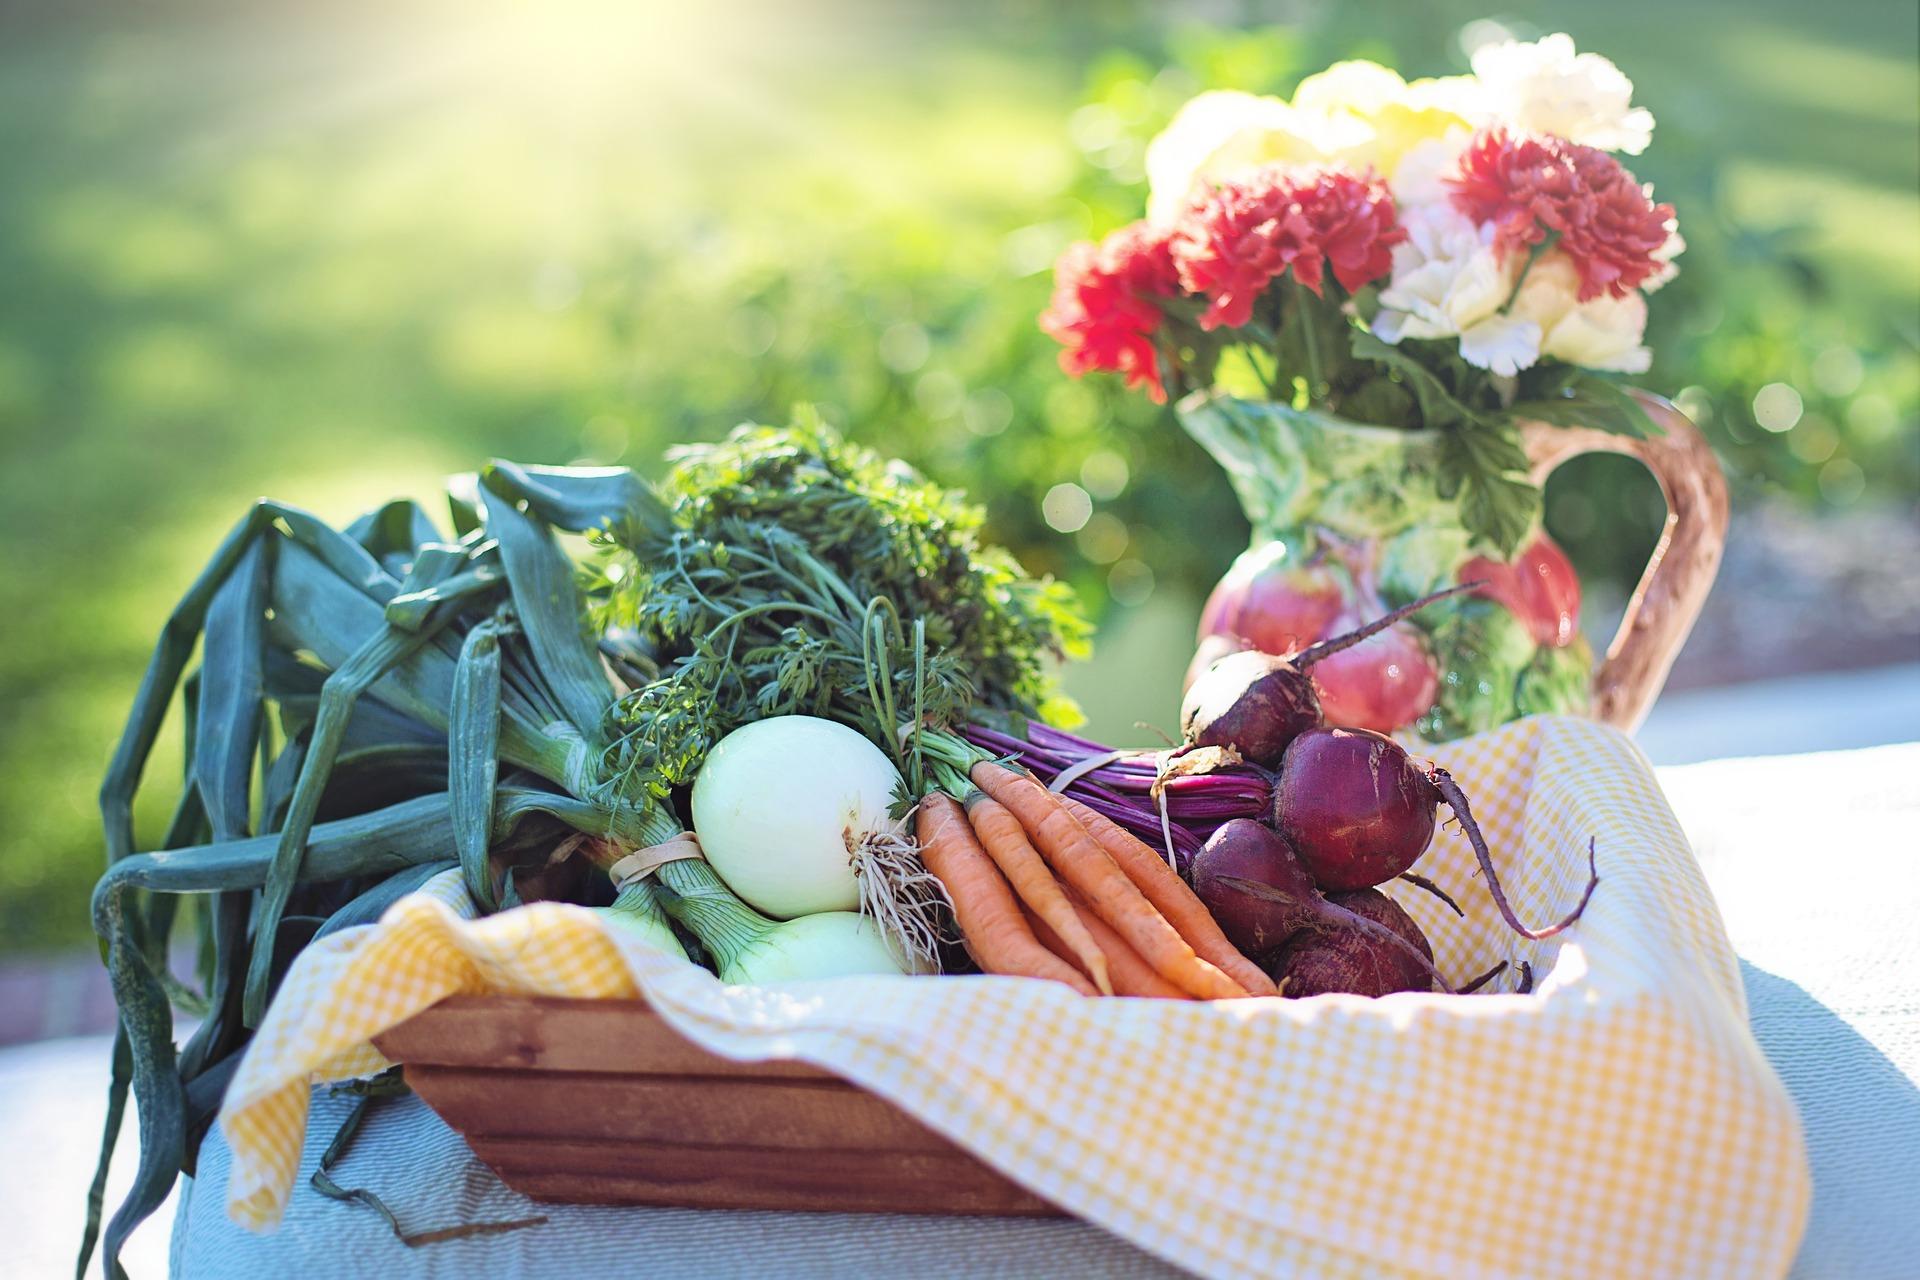 États généraux de l'alimentation : des avancées, mais beaucoup reste à faire